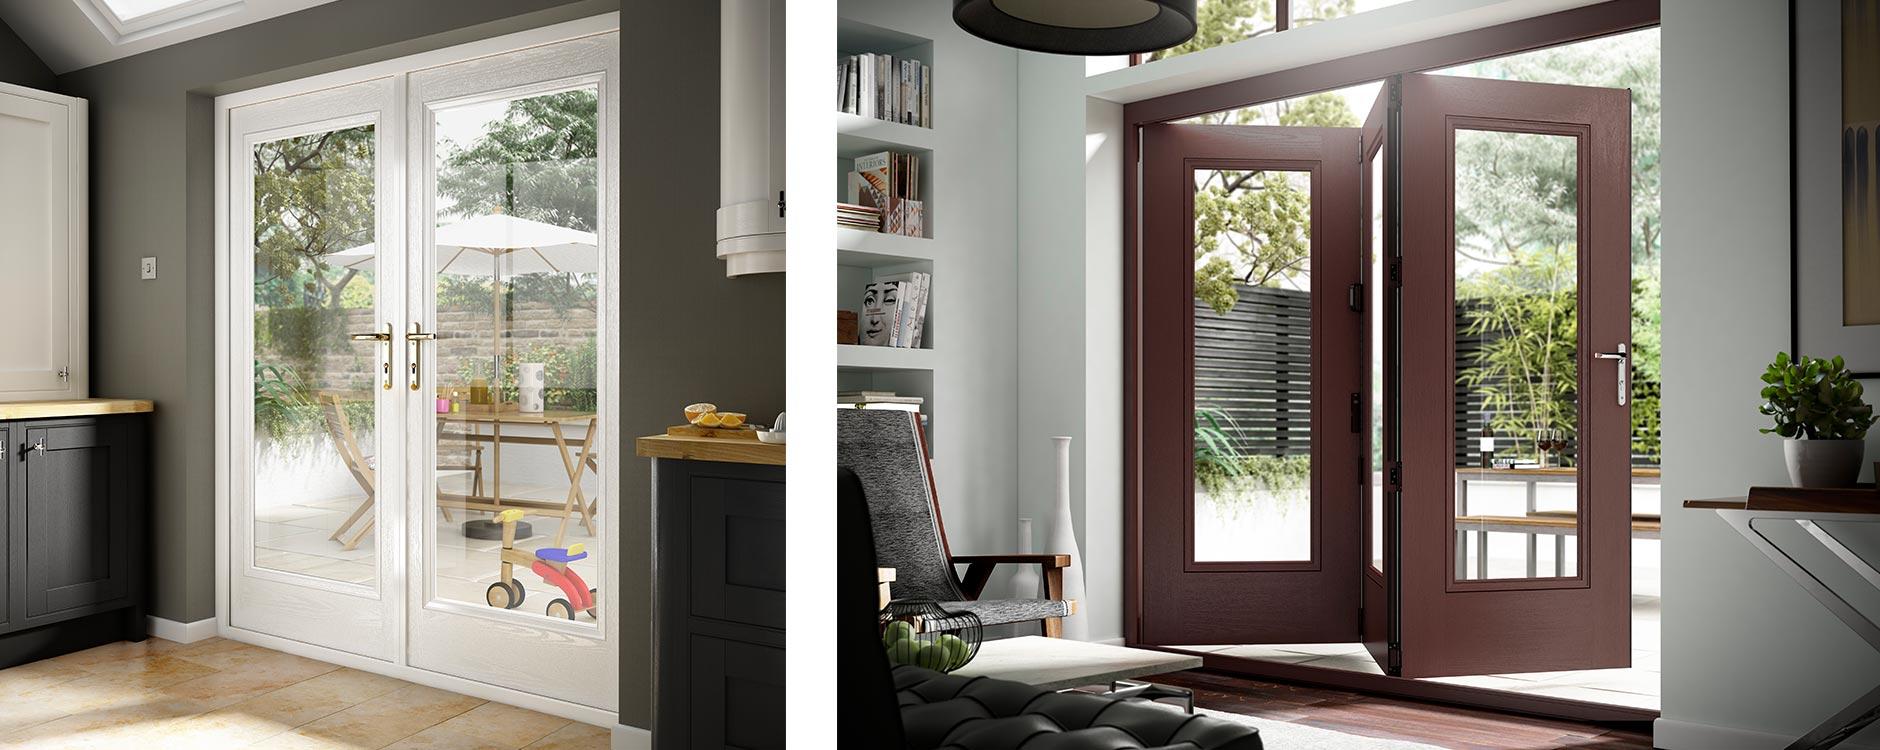 Bespoke Doors & Bespoke doors front doors and patio doors | Welsh Doors Barry ... Pezcame.Com